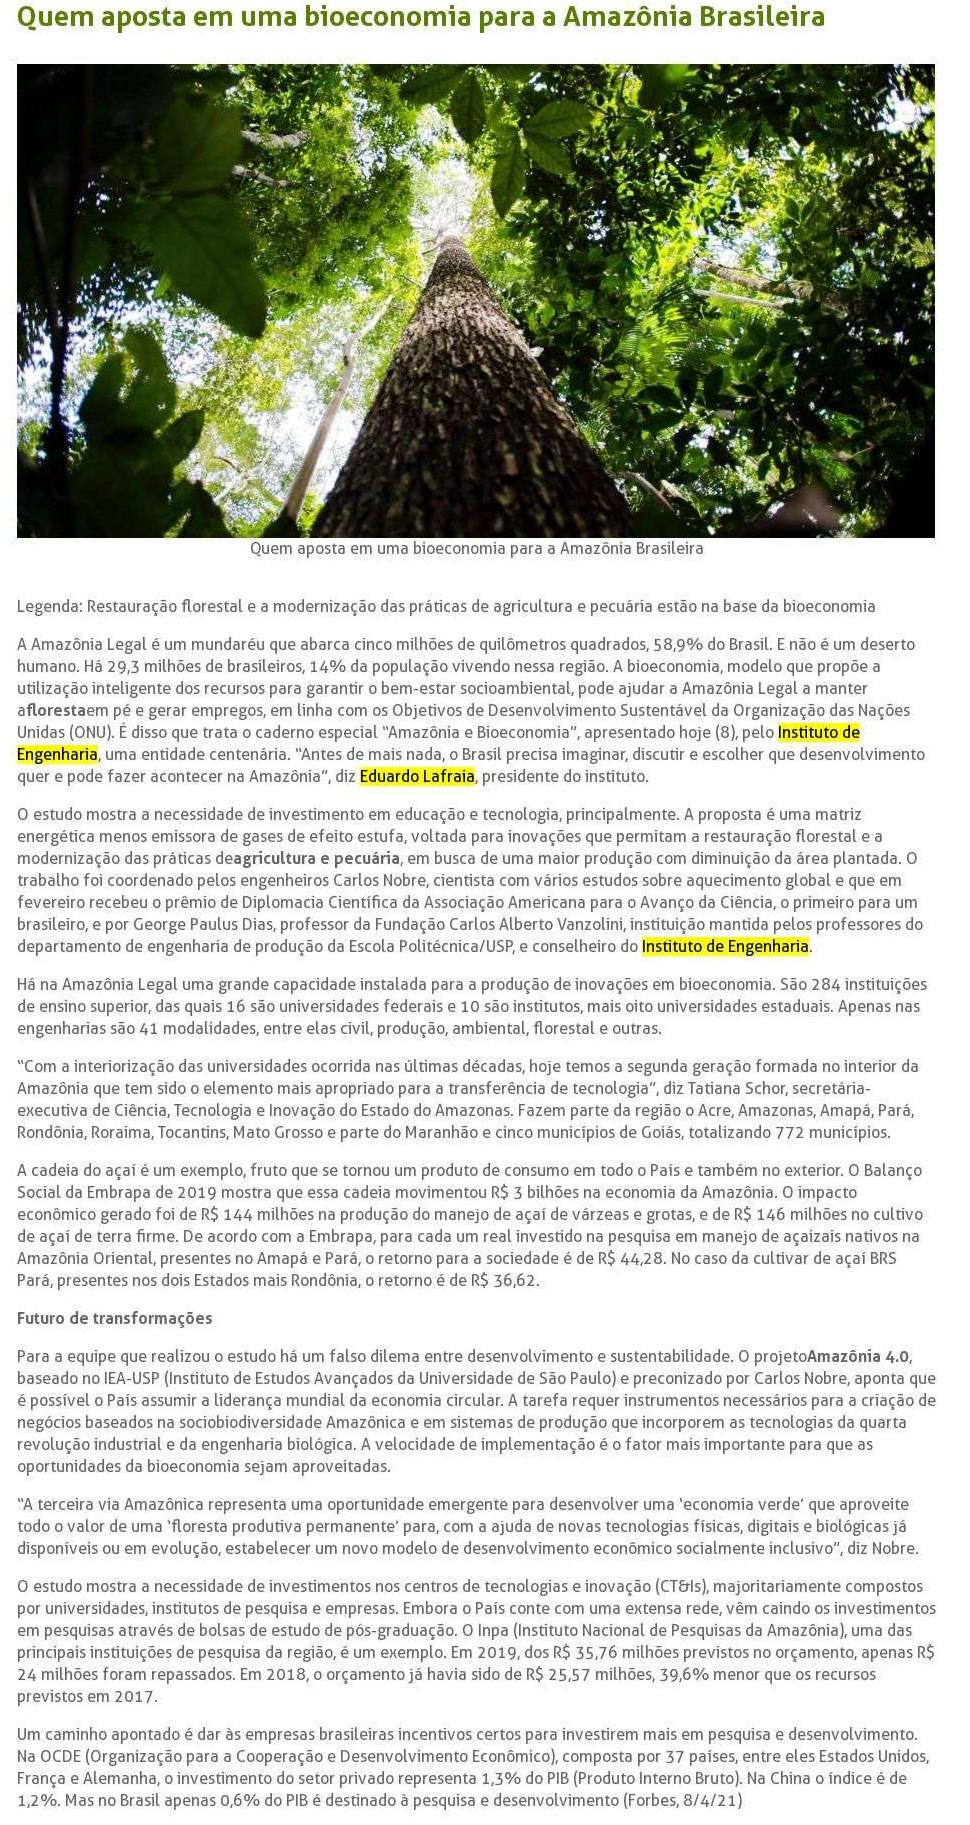 Quem aposta em uma bioeconomia para a Amazônia Brasileira - Brasil Agro